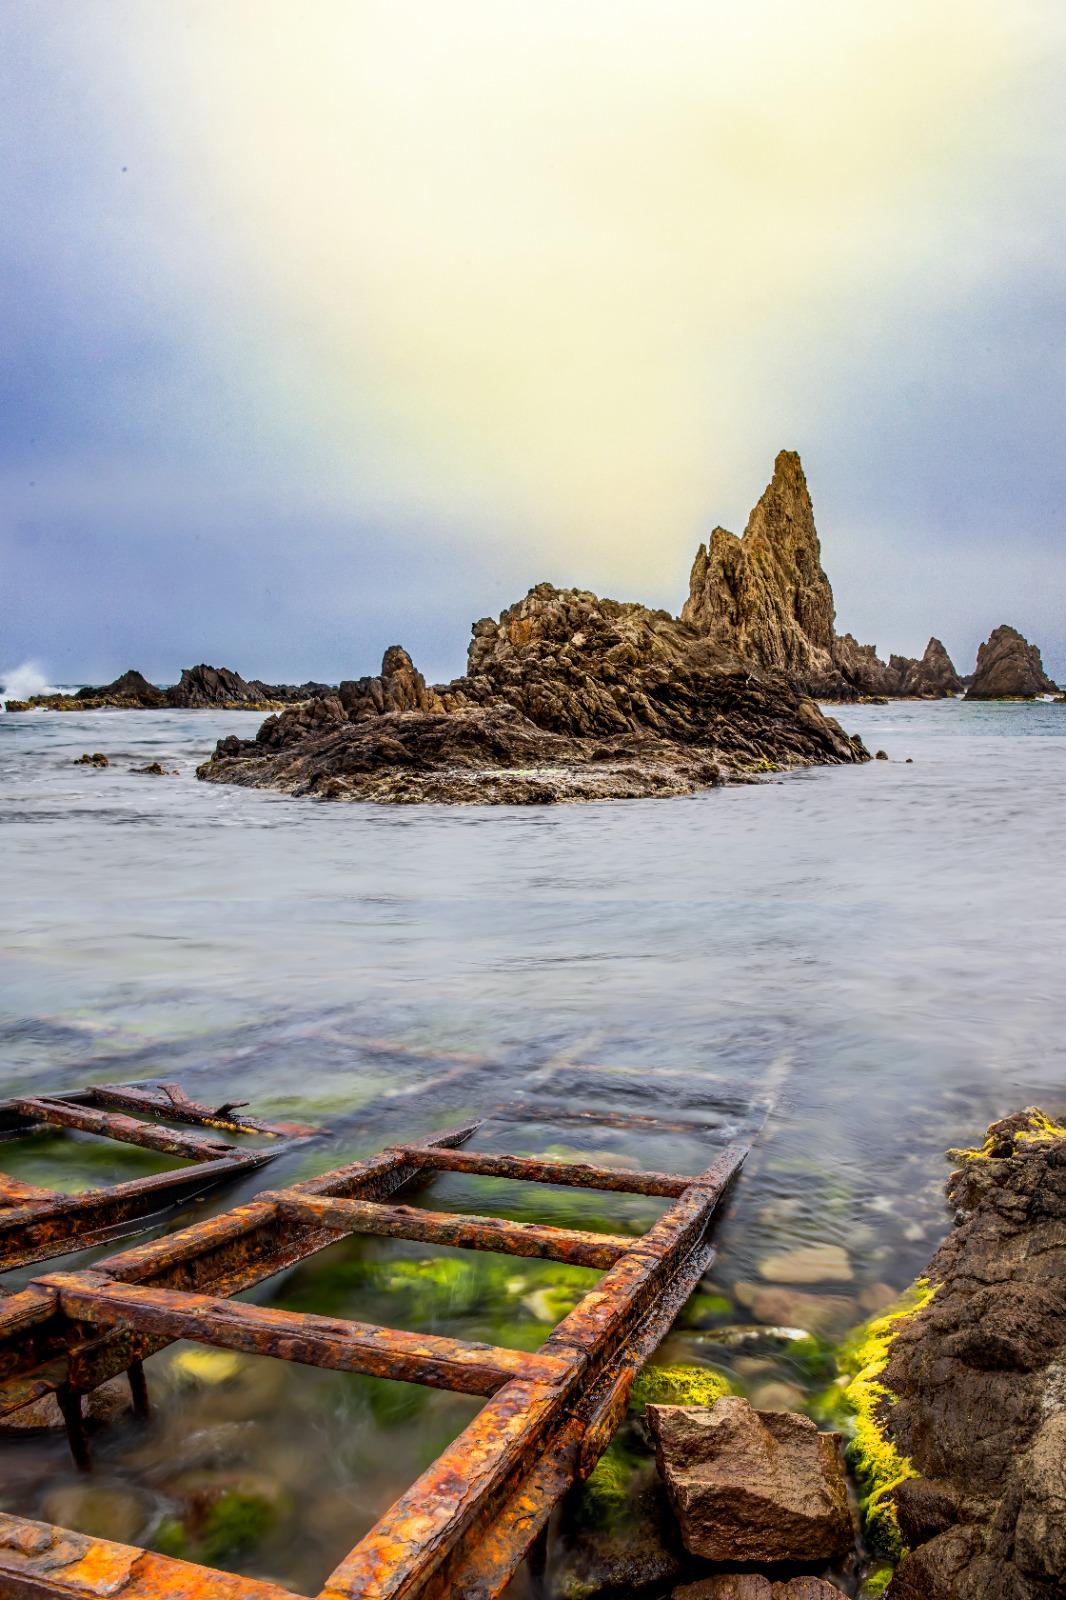 estrellas-stars-fotografía-nocturna-curso-costa-ballena-rota-cadiz-aprender-fotografia-enfocate-estudio-de-fotografia